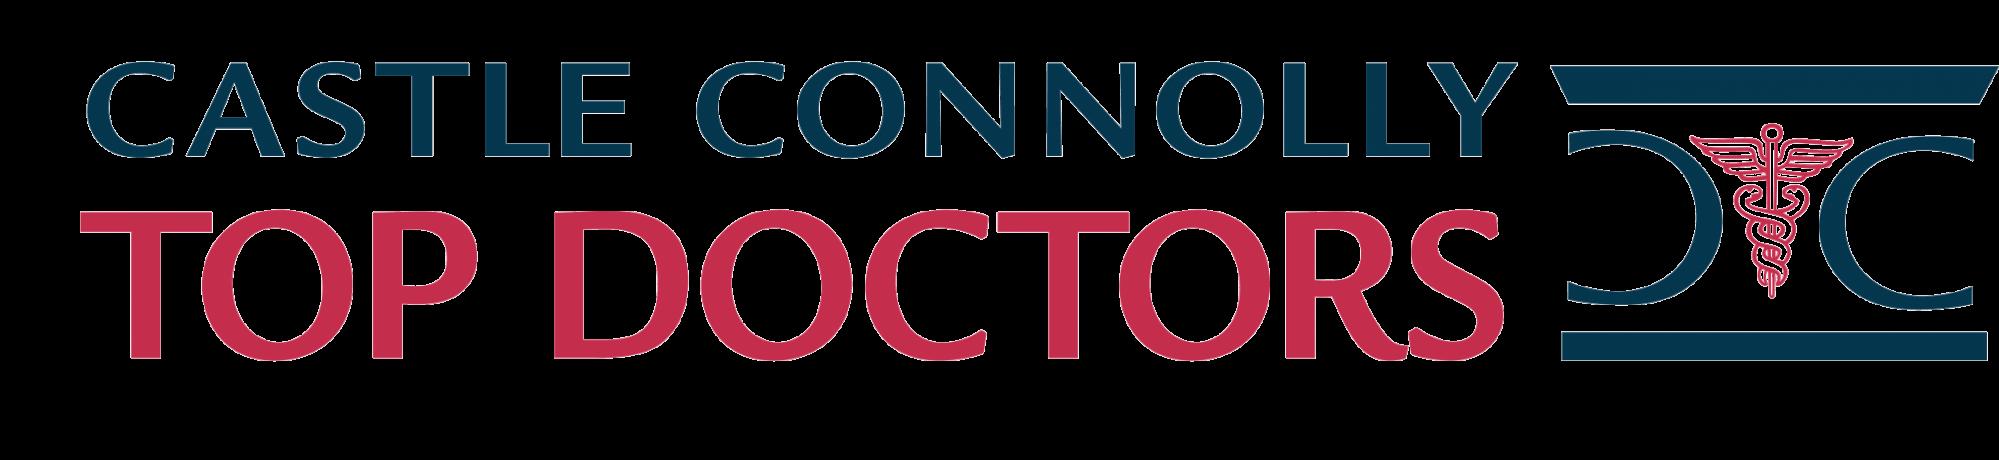 Castle Connolly Top Doctor Award Logo